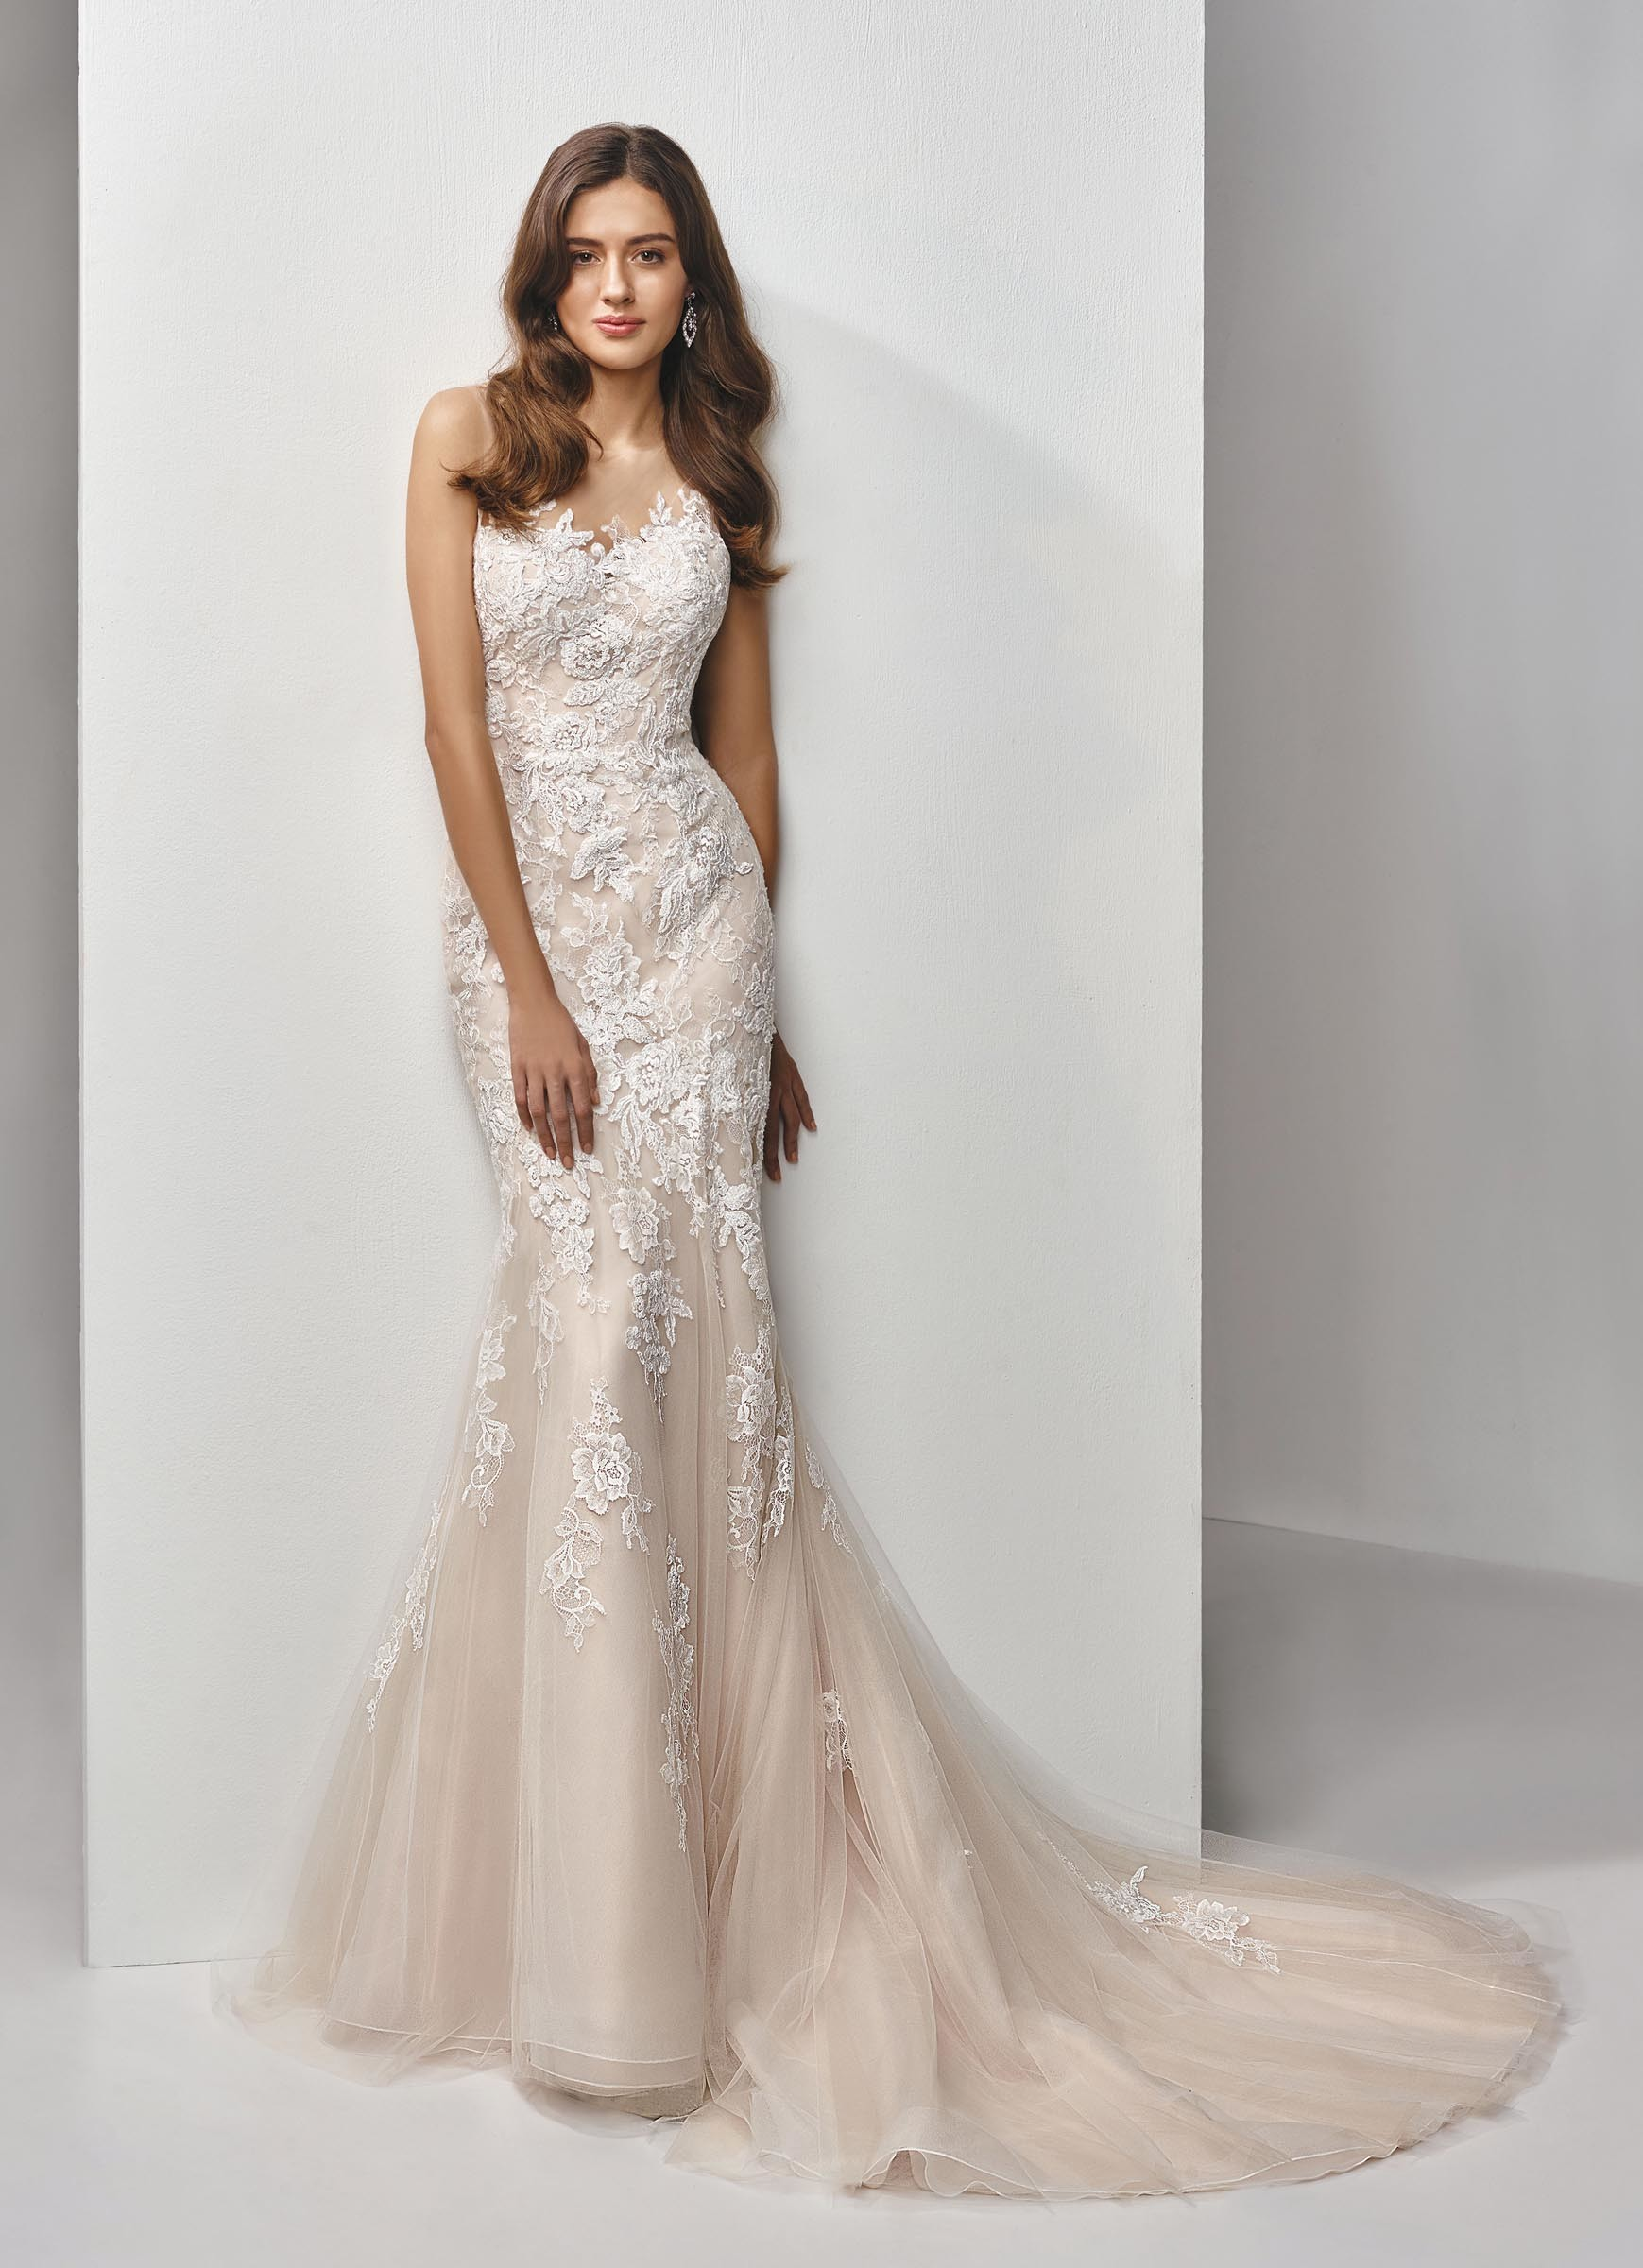 Rosafarbenes Fit and Flare-Brautkleid mit Spitze und